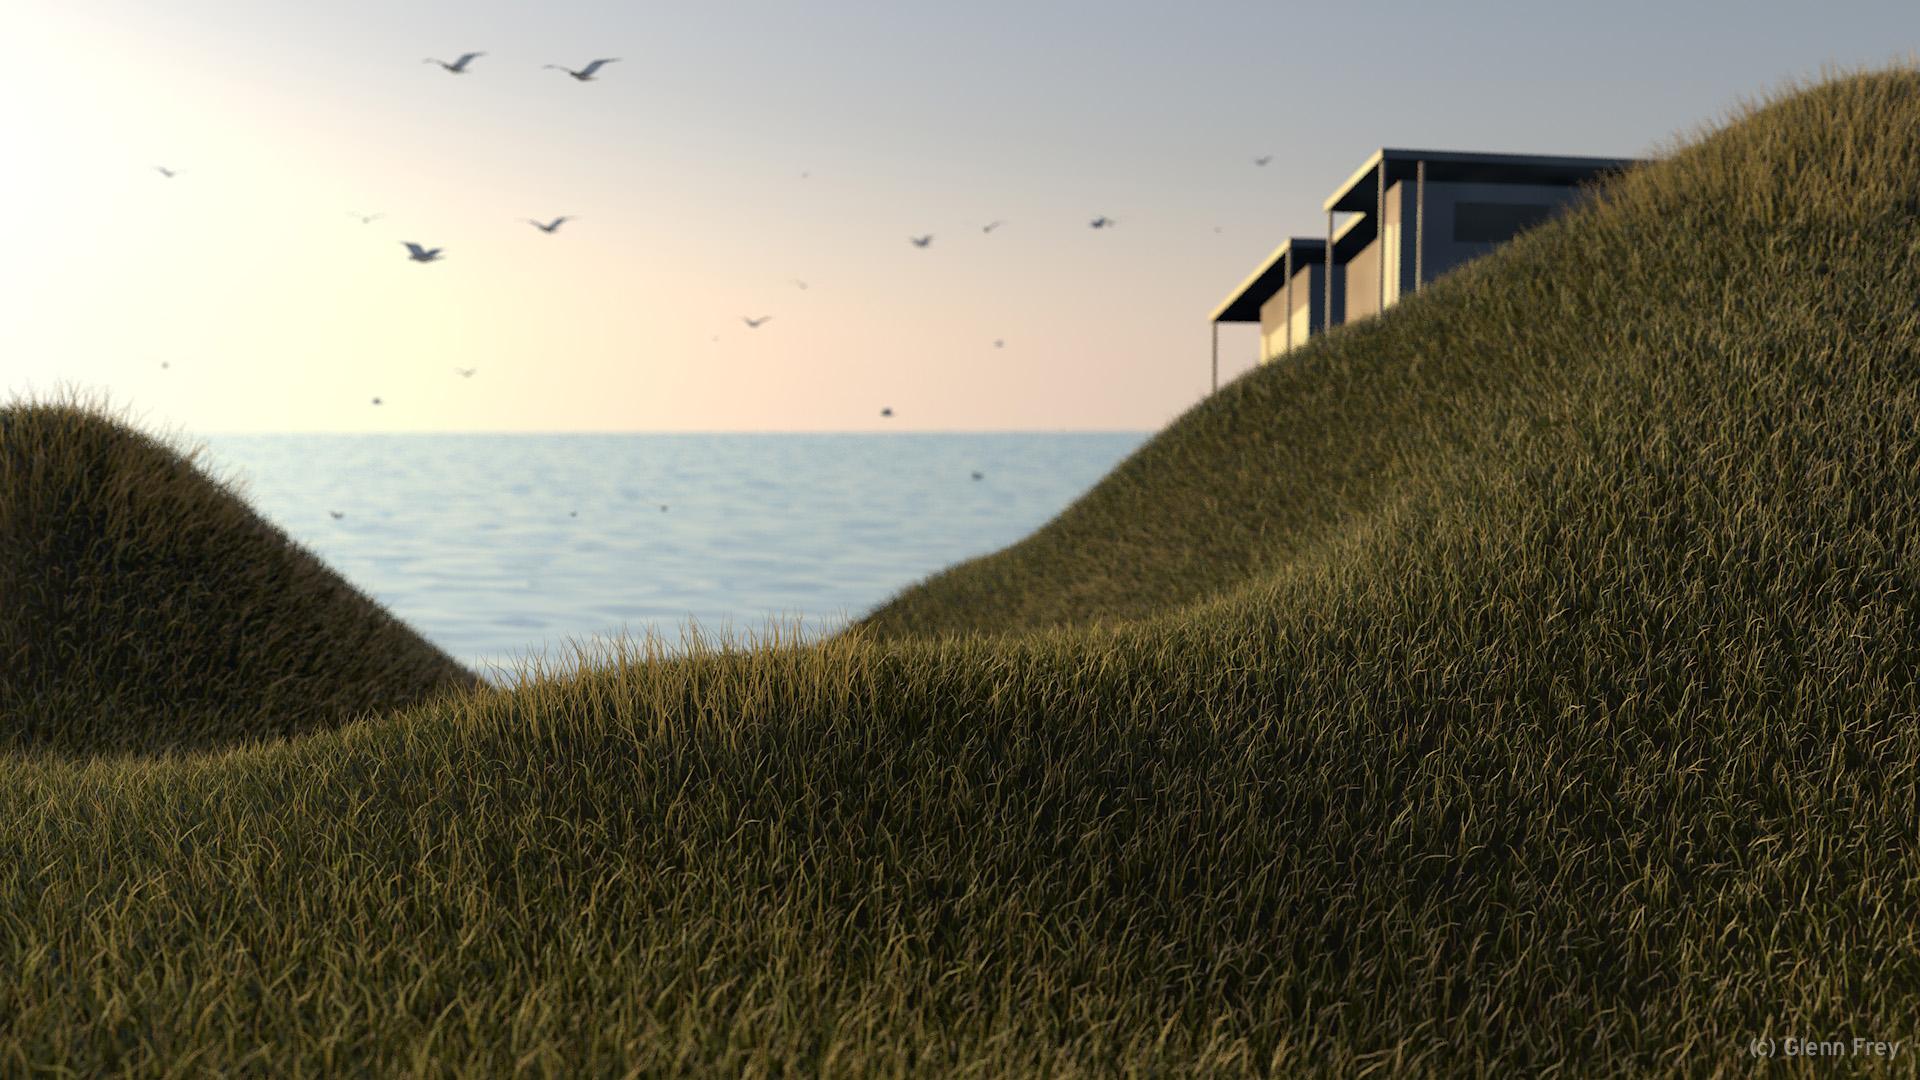 MAXON Announces CINEMA 4D R15 for Professional 3D Content Creation 4